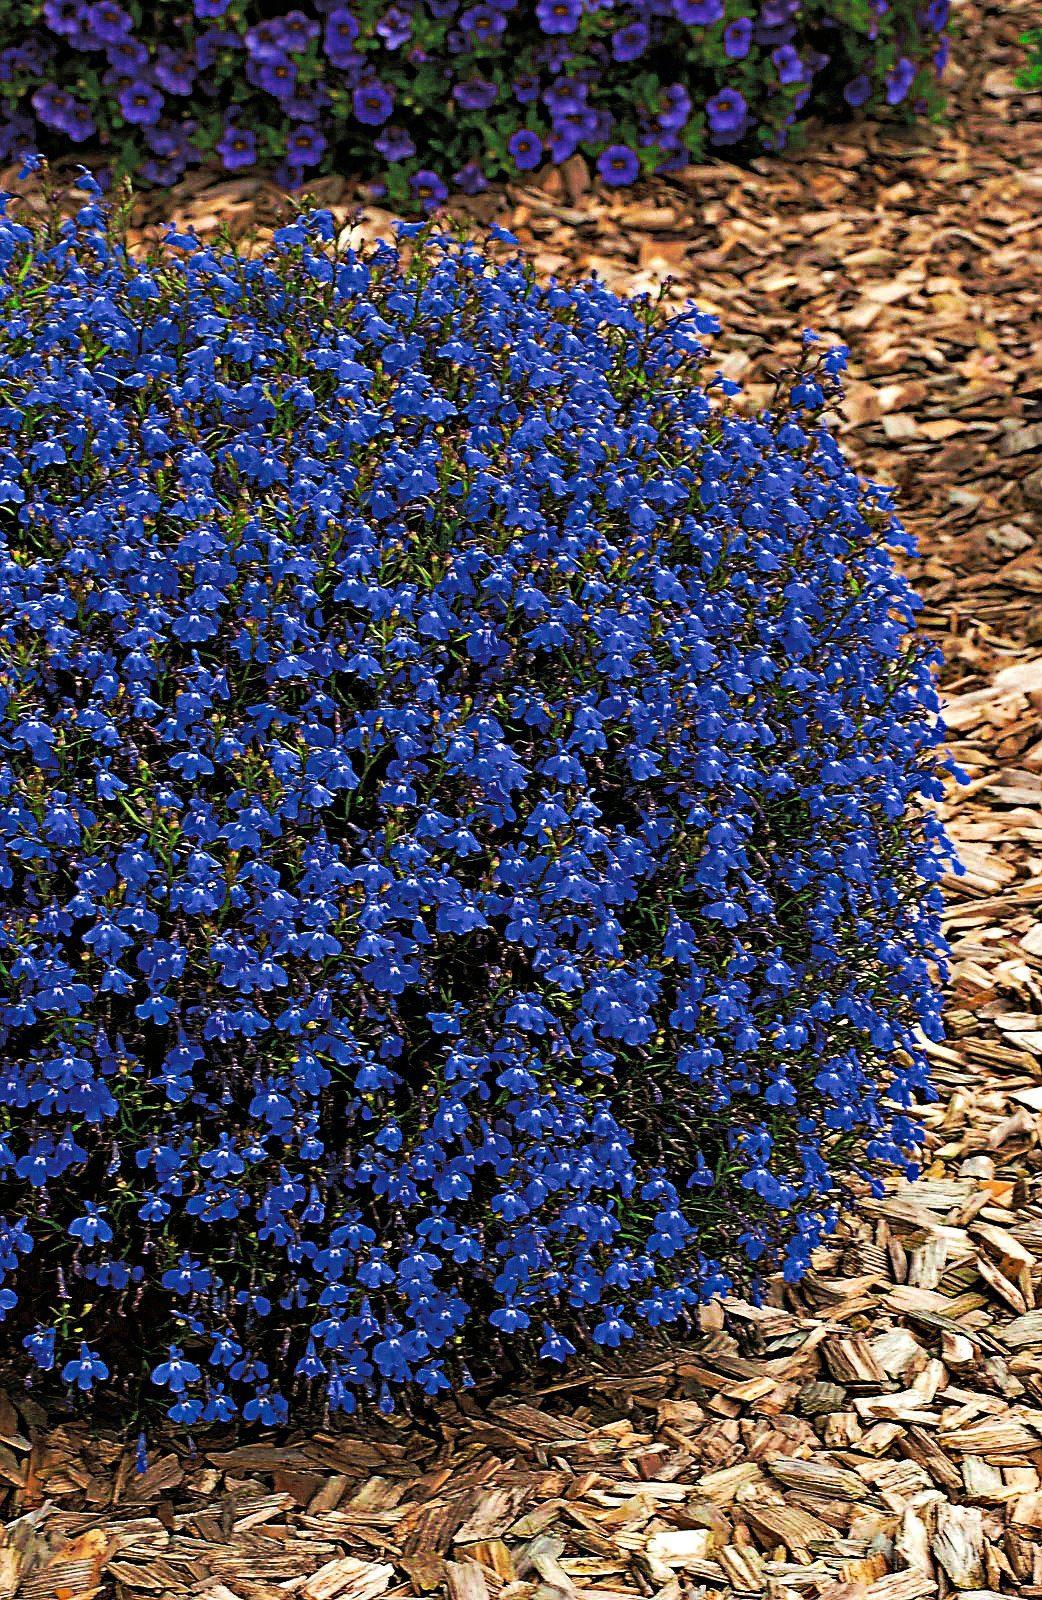 Sparset: Beet & Balkonpflanze »Lobelia«, blau und weiß (8 Pfl.)